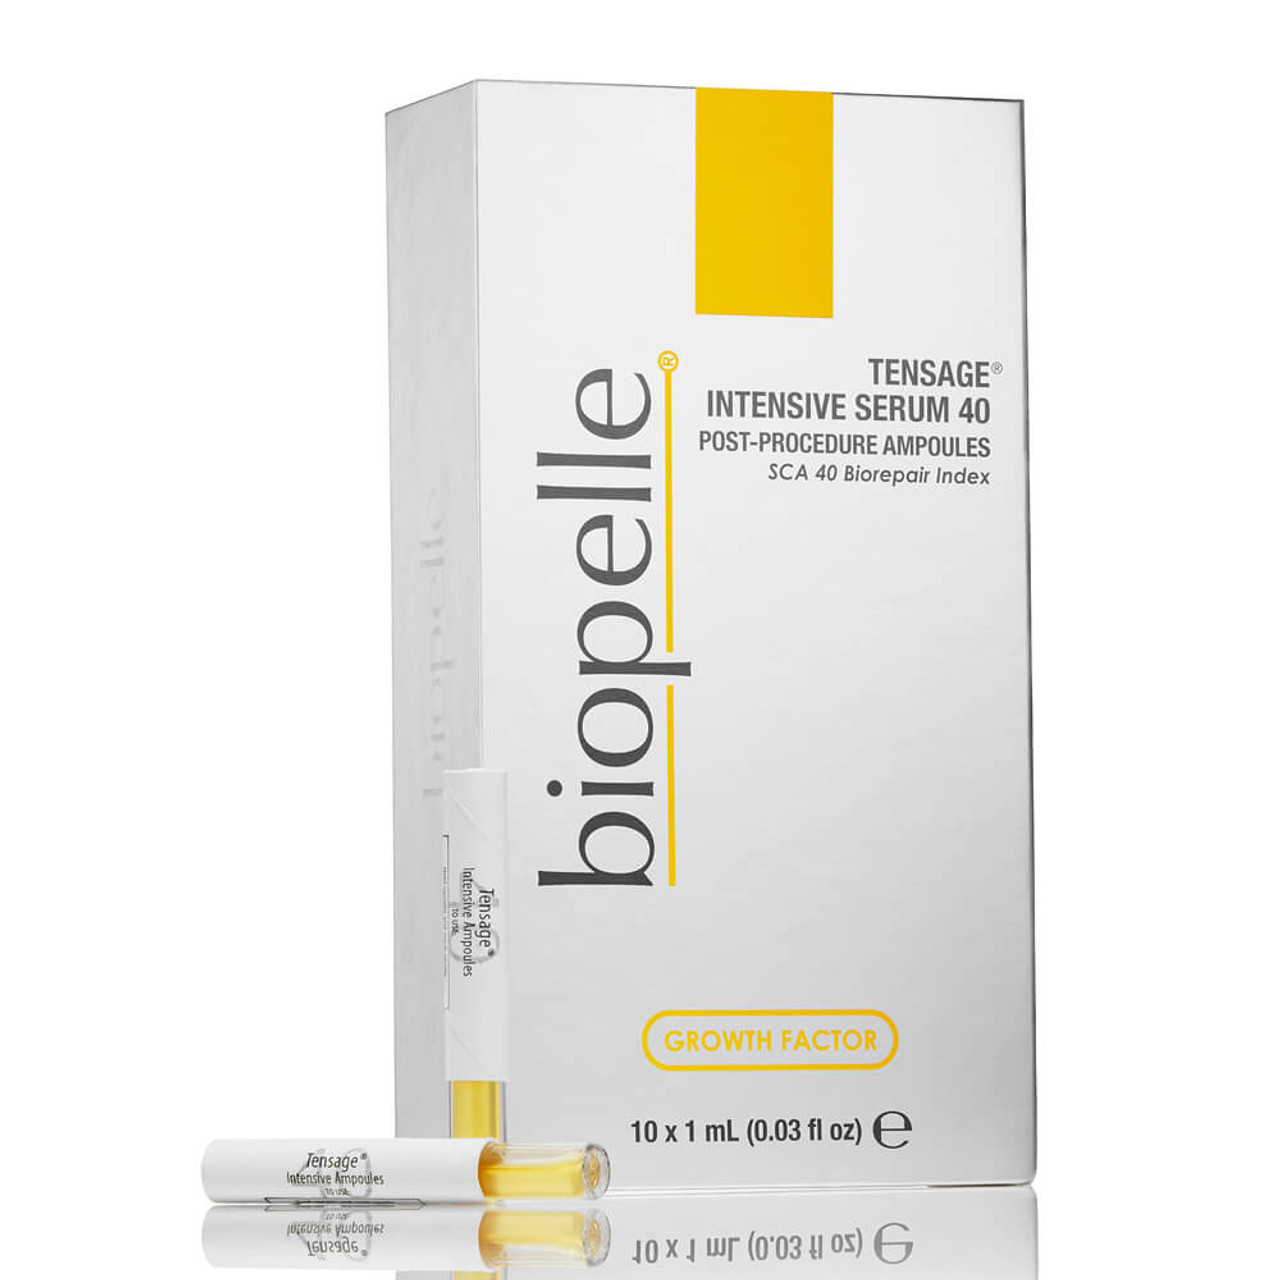 Biopelle Tensage Intensive Serum 40